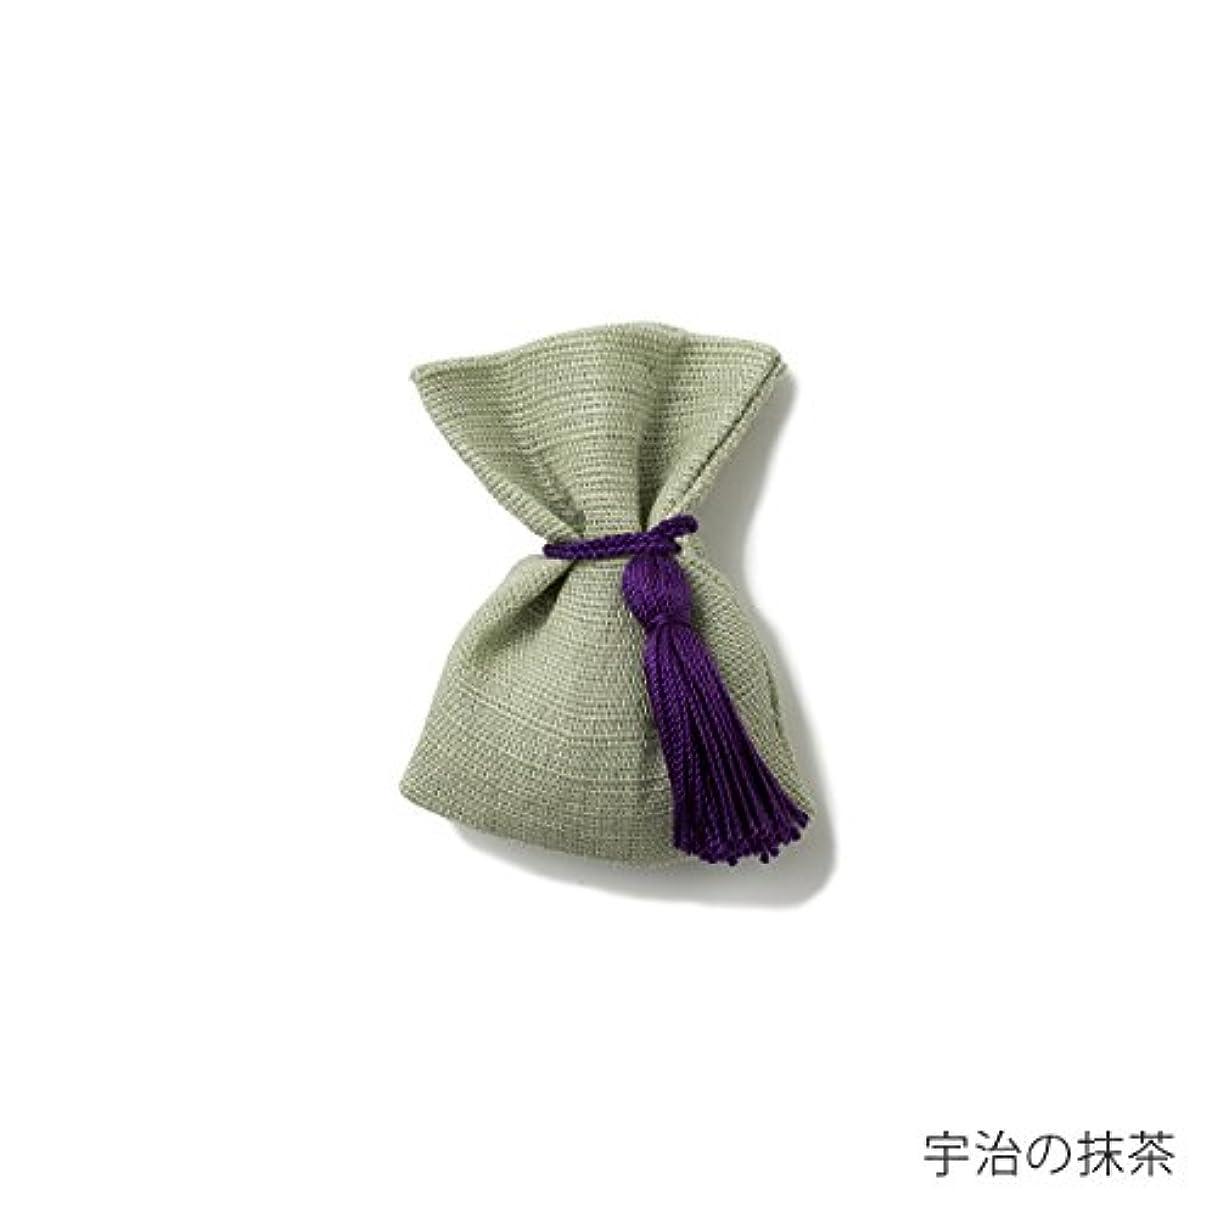 有効雄大な結論【薫玉堂】 京の香り 香袋 宇治の抹茶